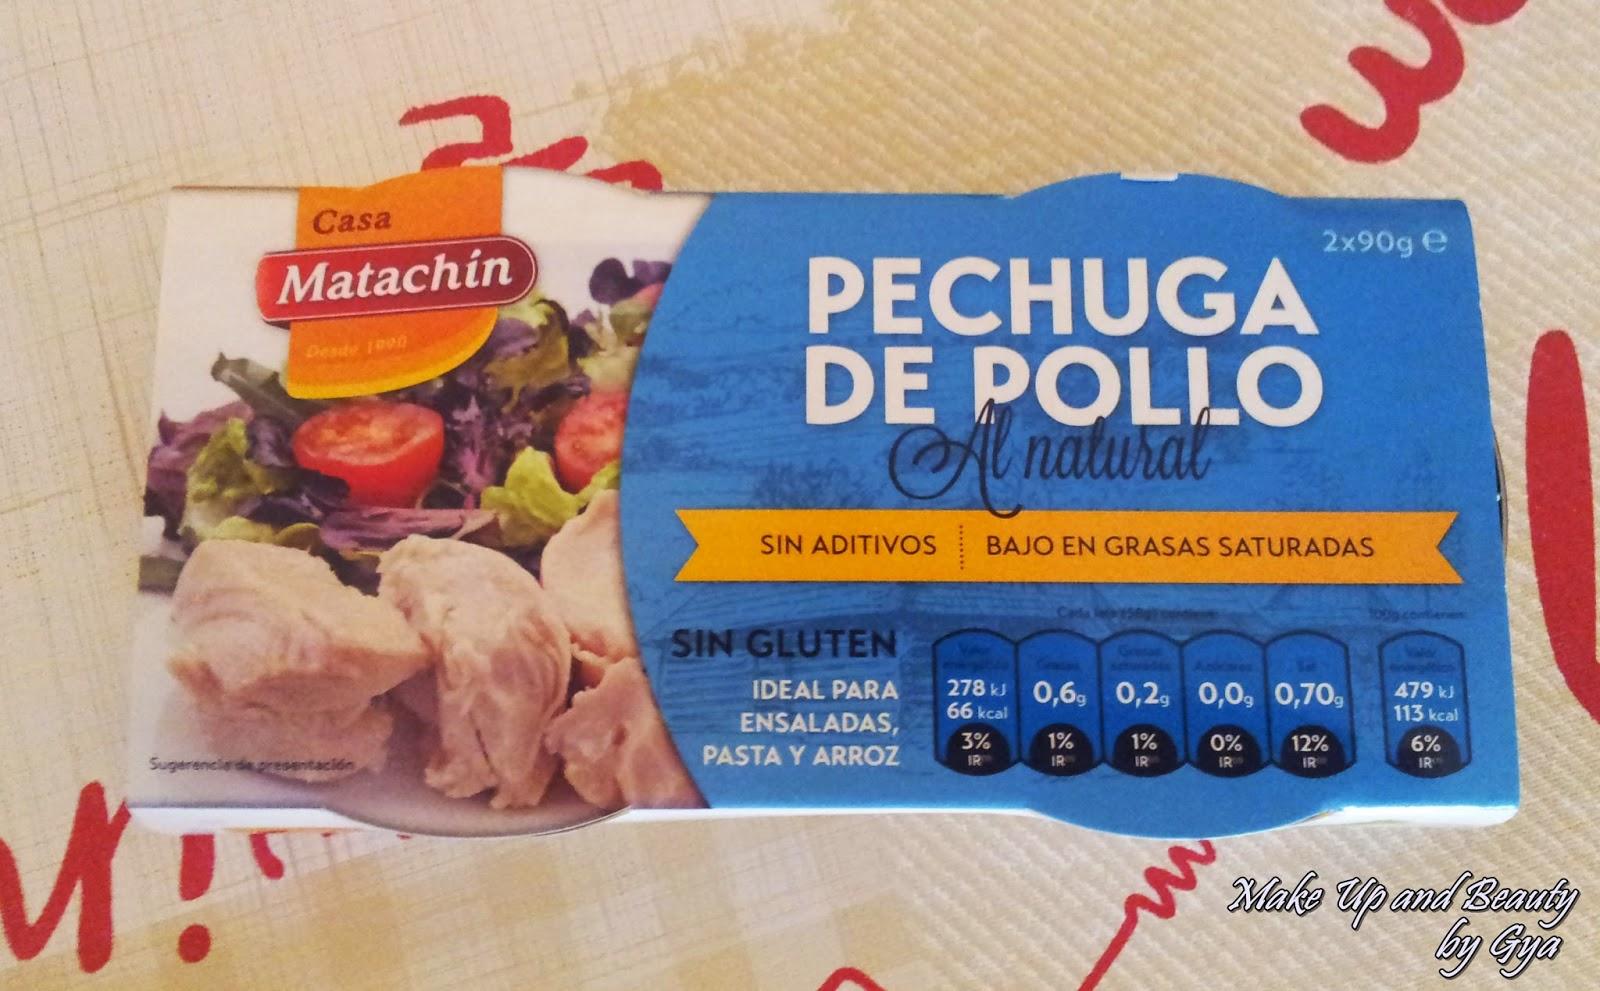 Pechuga de Pollo Casa Matachín